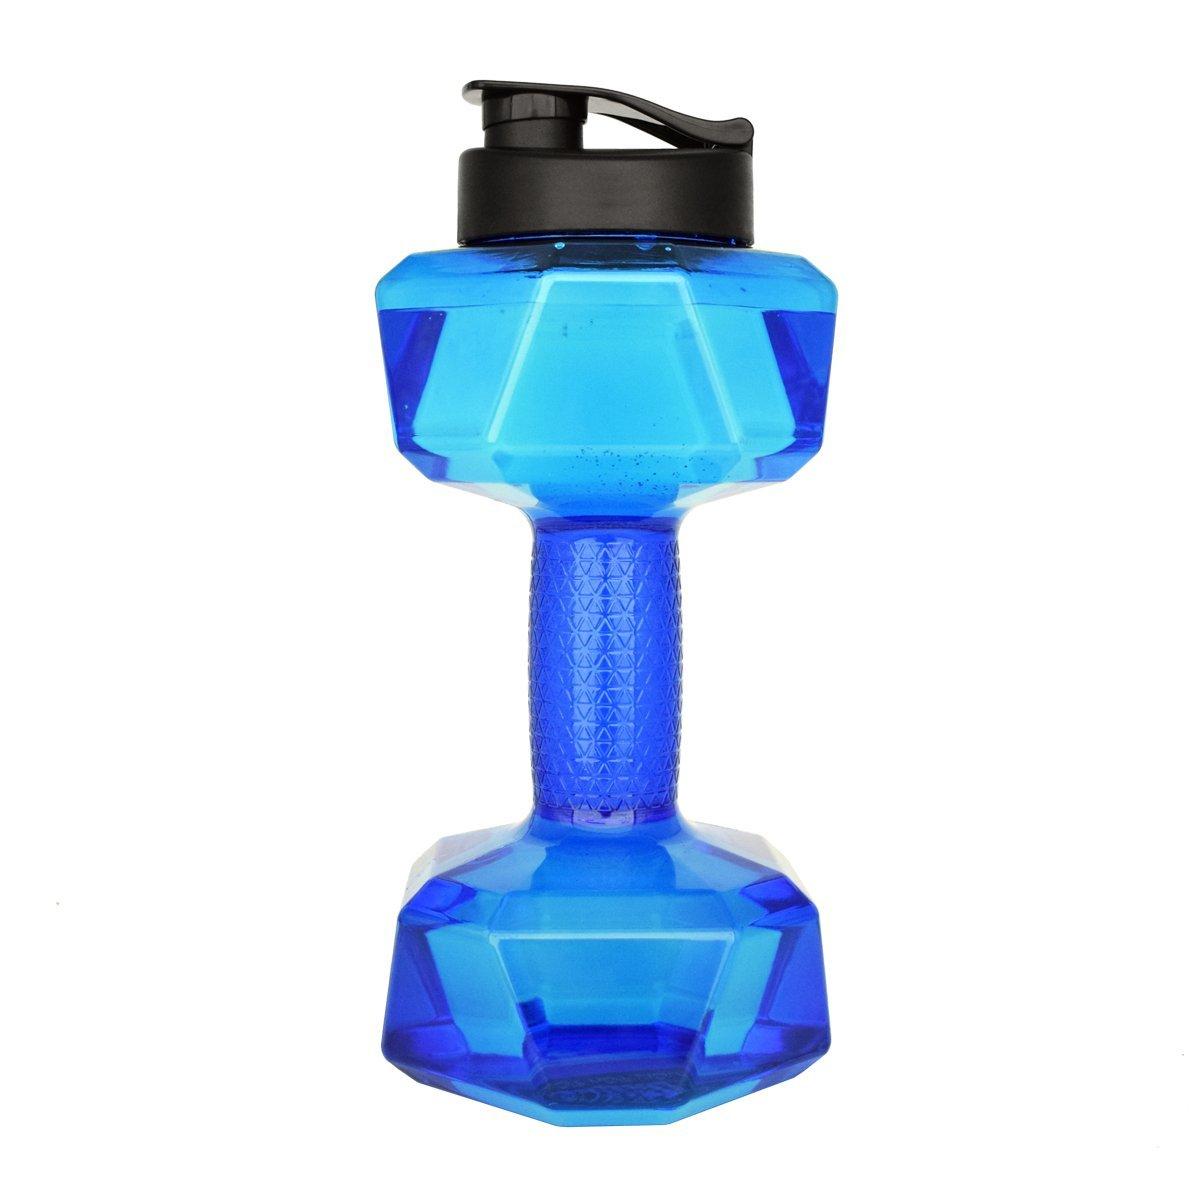 QuiFit Botella de Agua 2.2l Dumbbell Fitness Agua Bottle-bpa Libre Gran Capacidad Botella de Agua para Deportes al Aire Libre